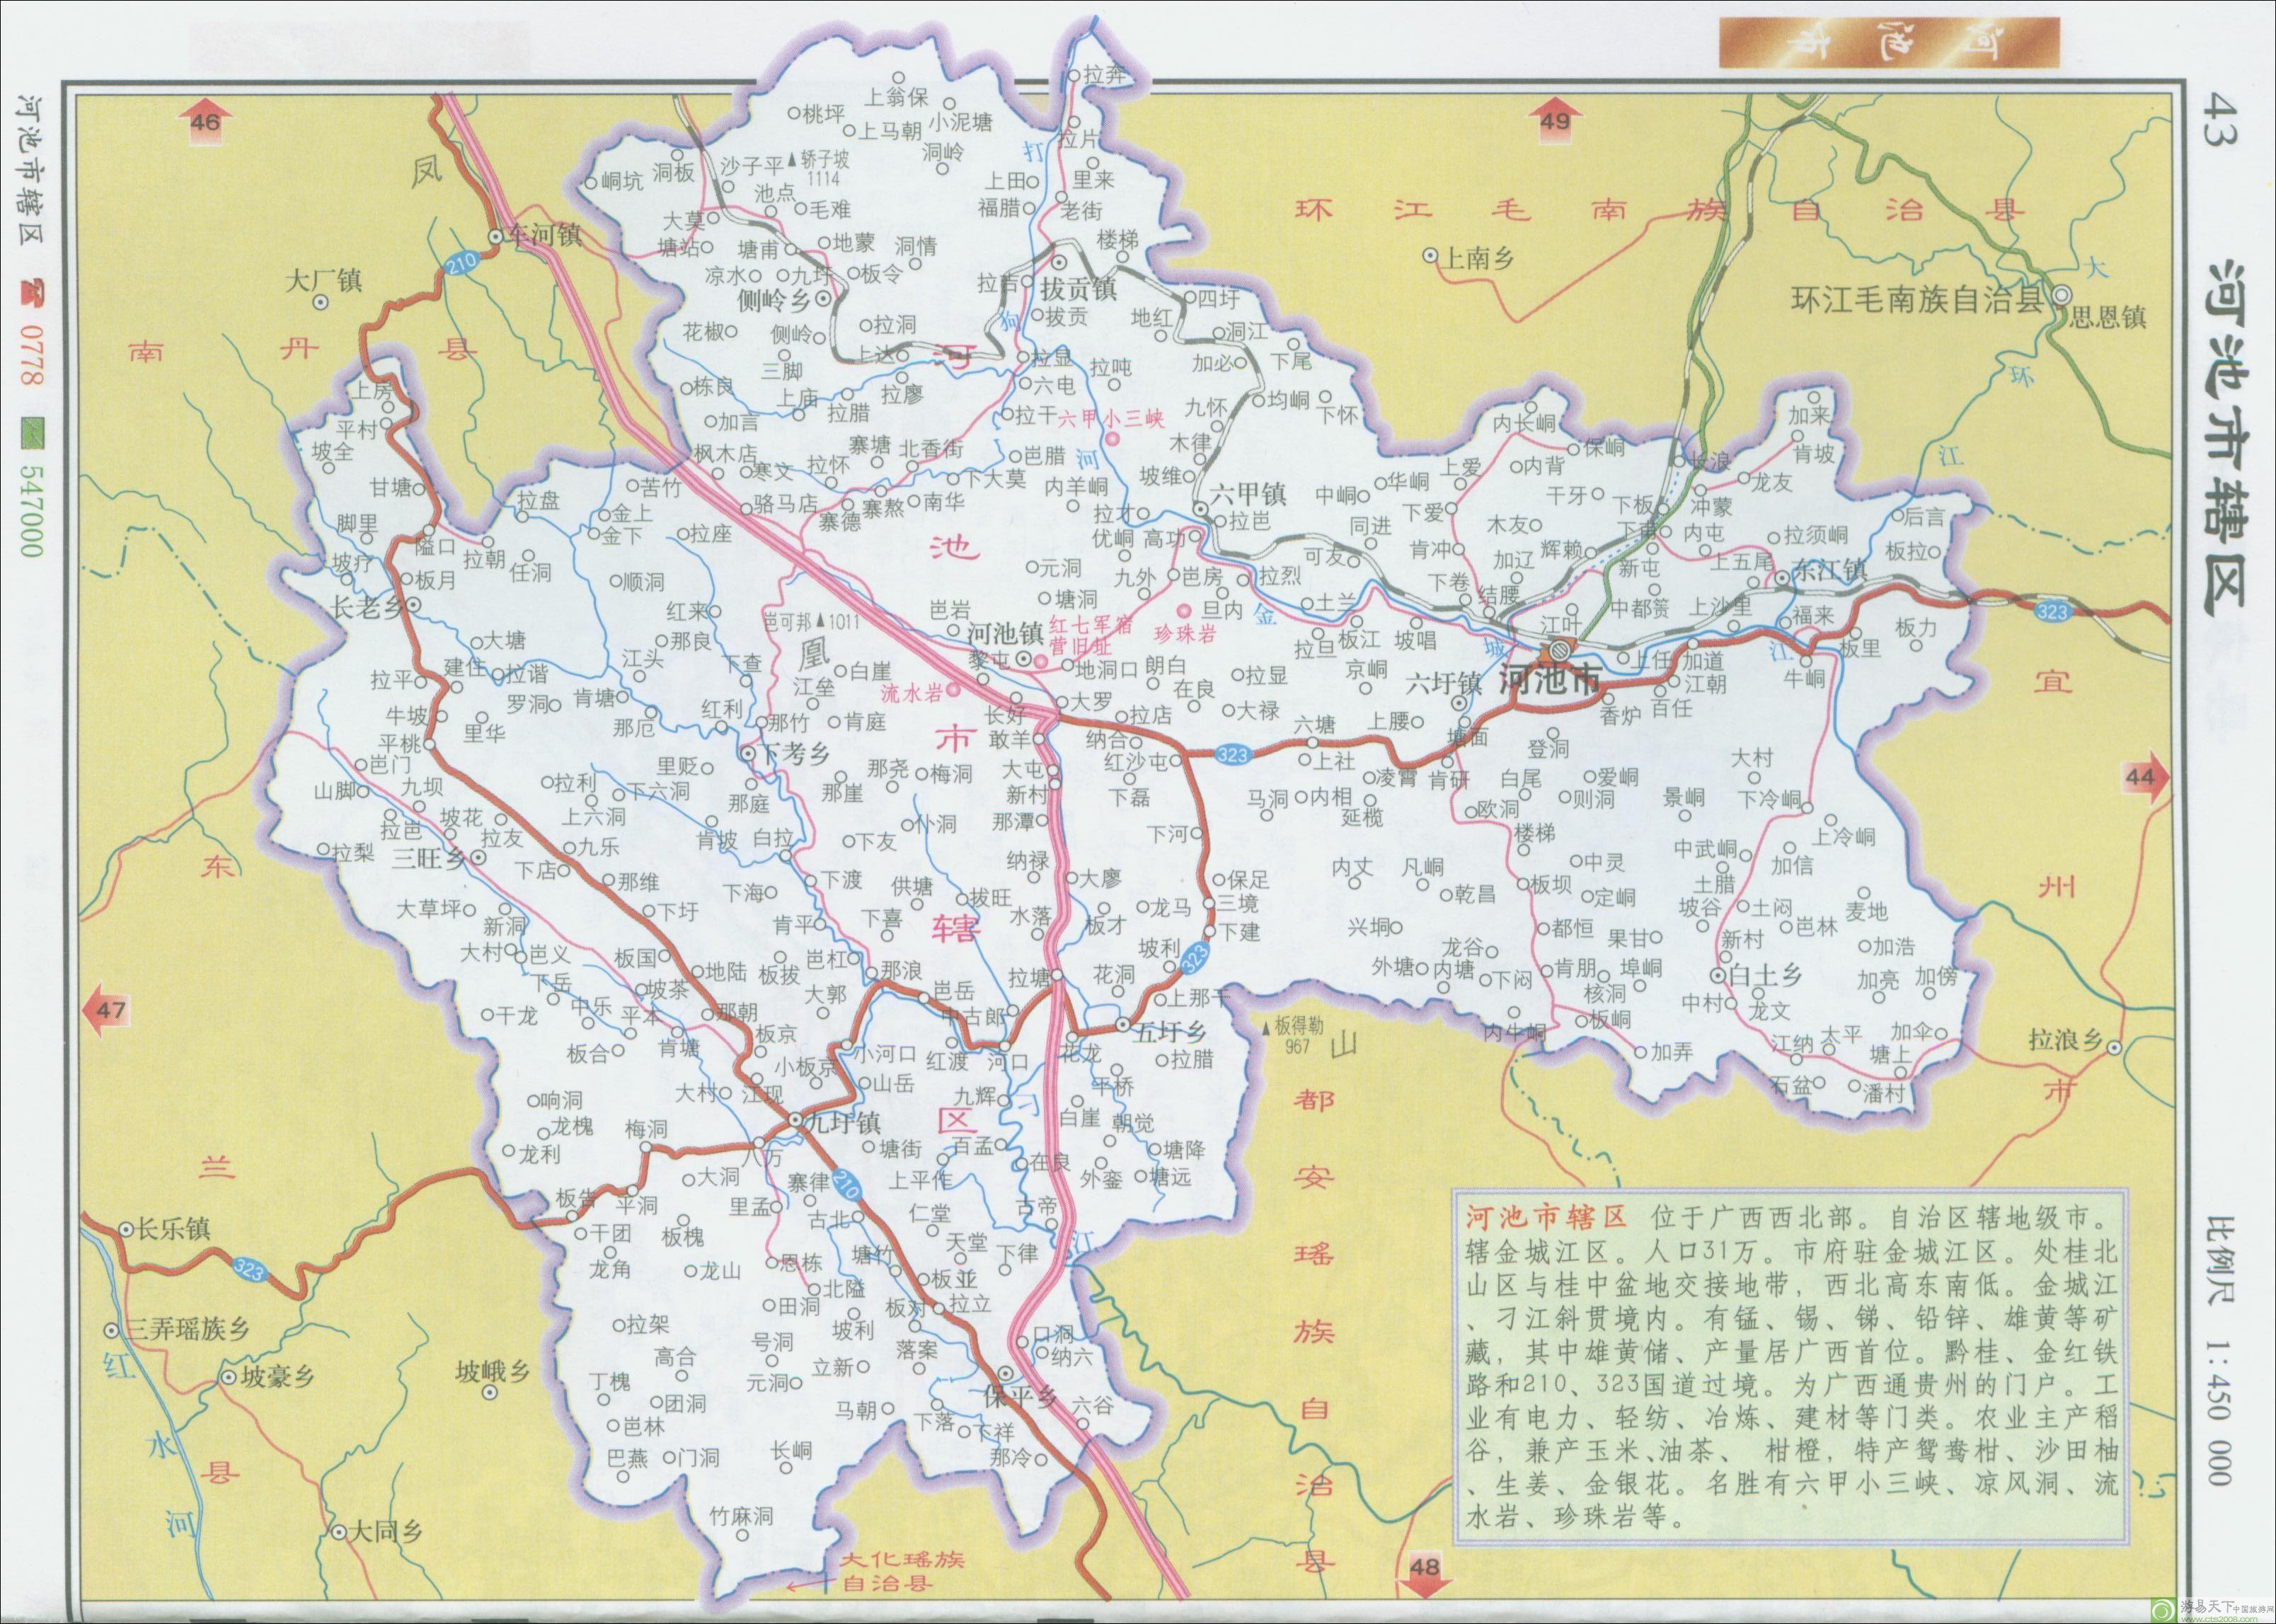 云贵旅游景点地图